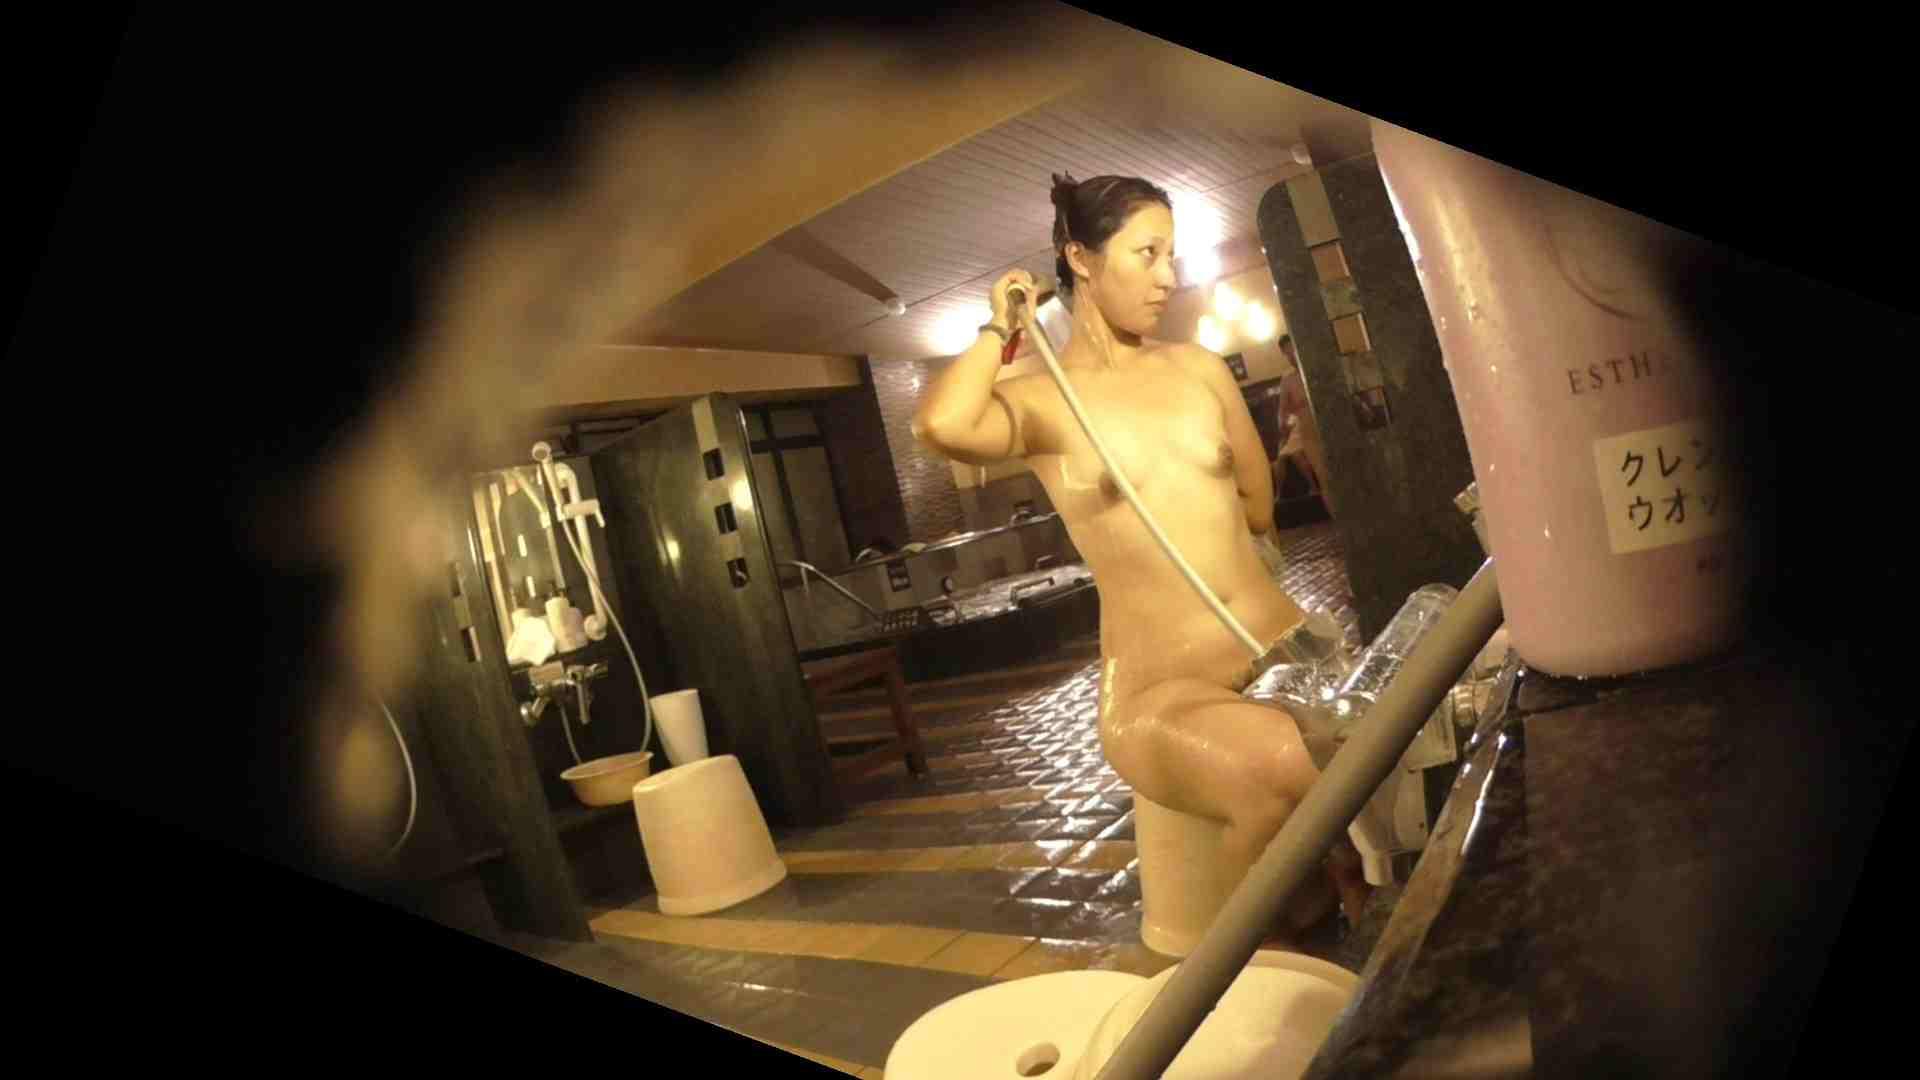 お風呂HEROの助手 vol.04 美乳 AV無料動画キャプチャ 88画像 68